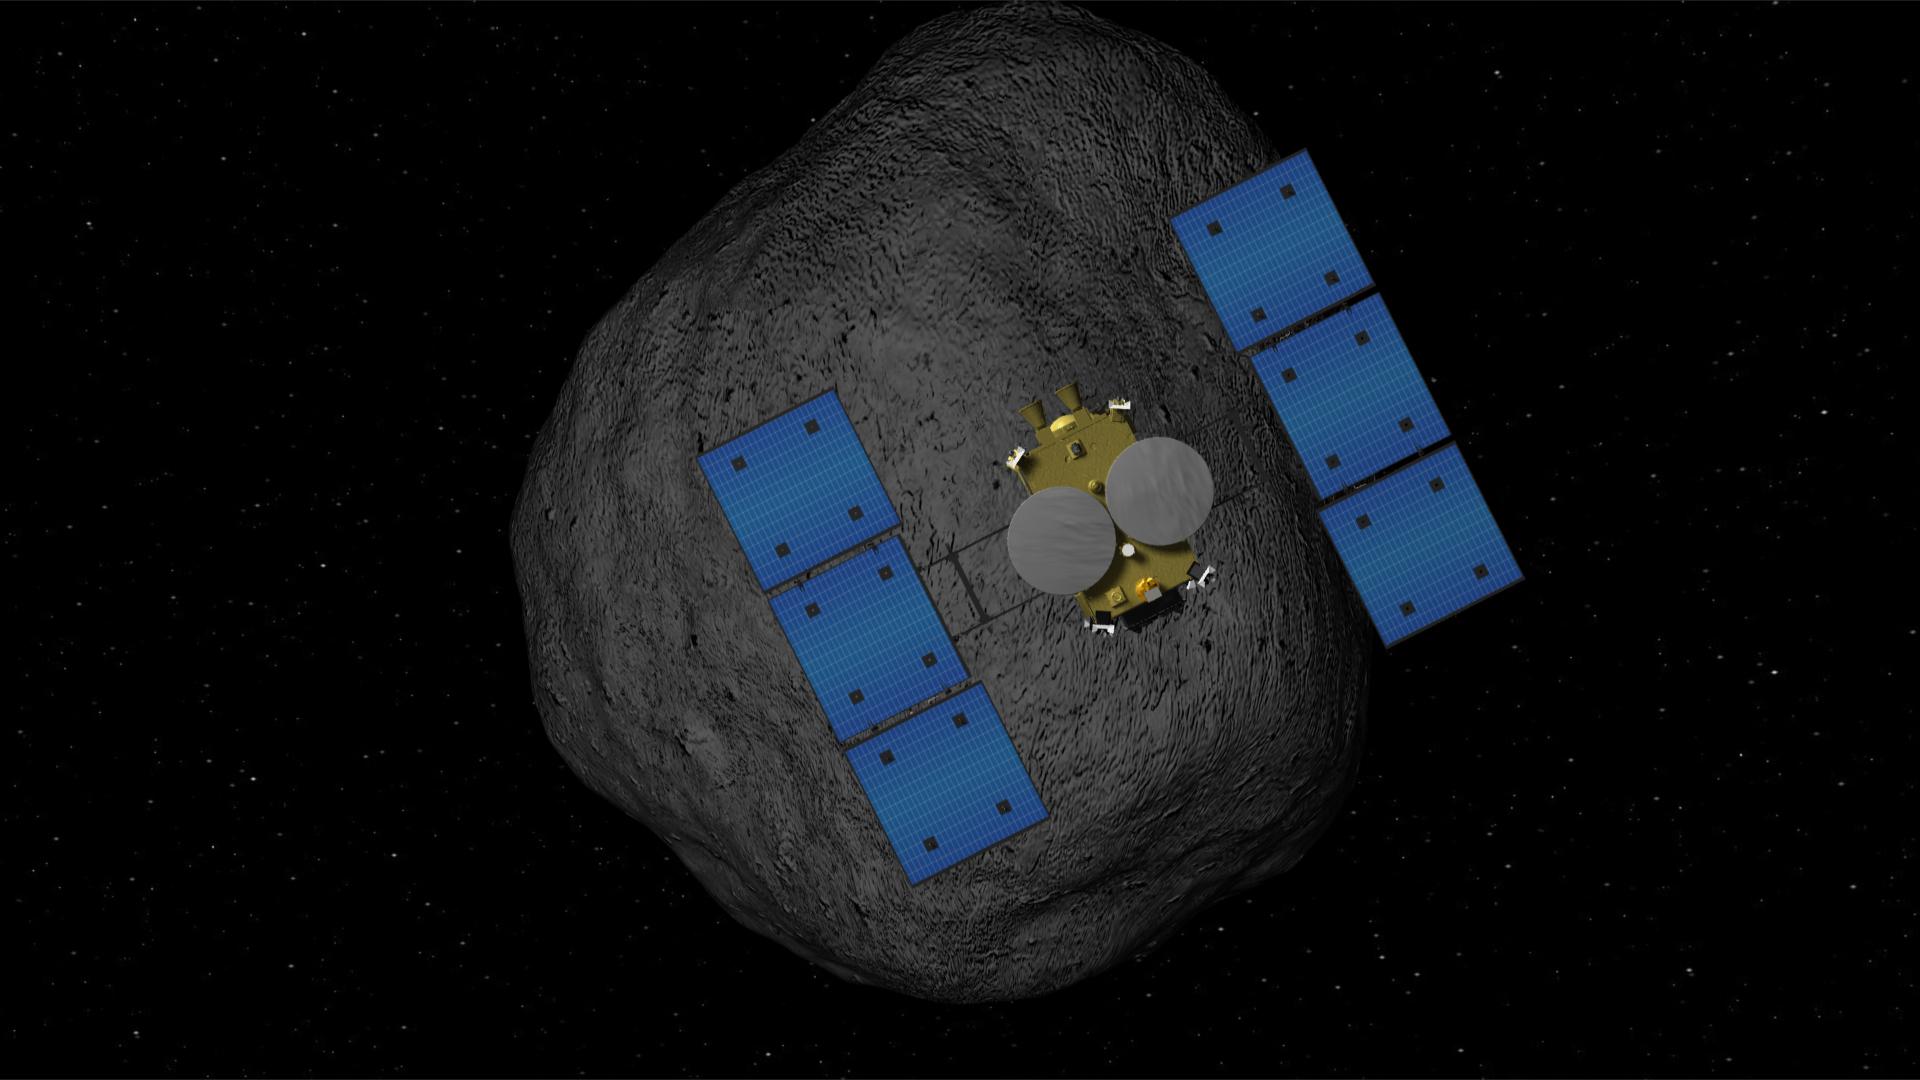 小惑星に到着する「はやぶさ2」の想像図